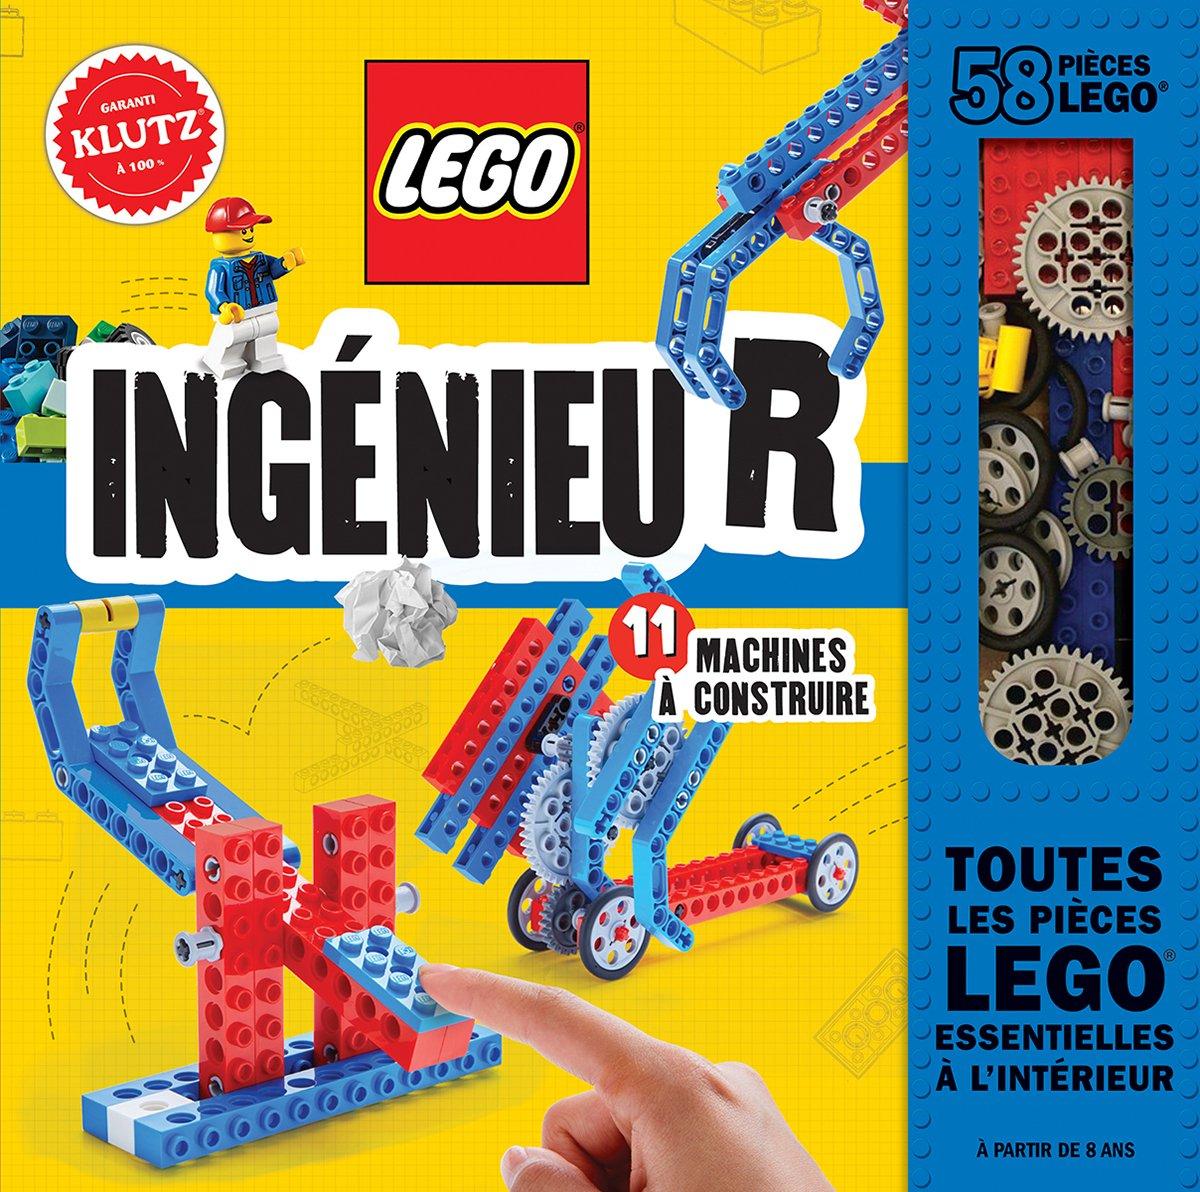 LEGO Ingénieur – CONCOURS